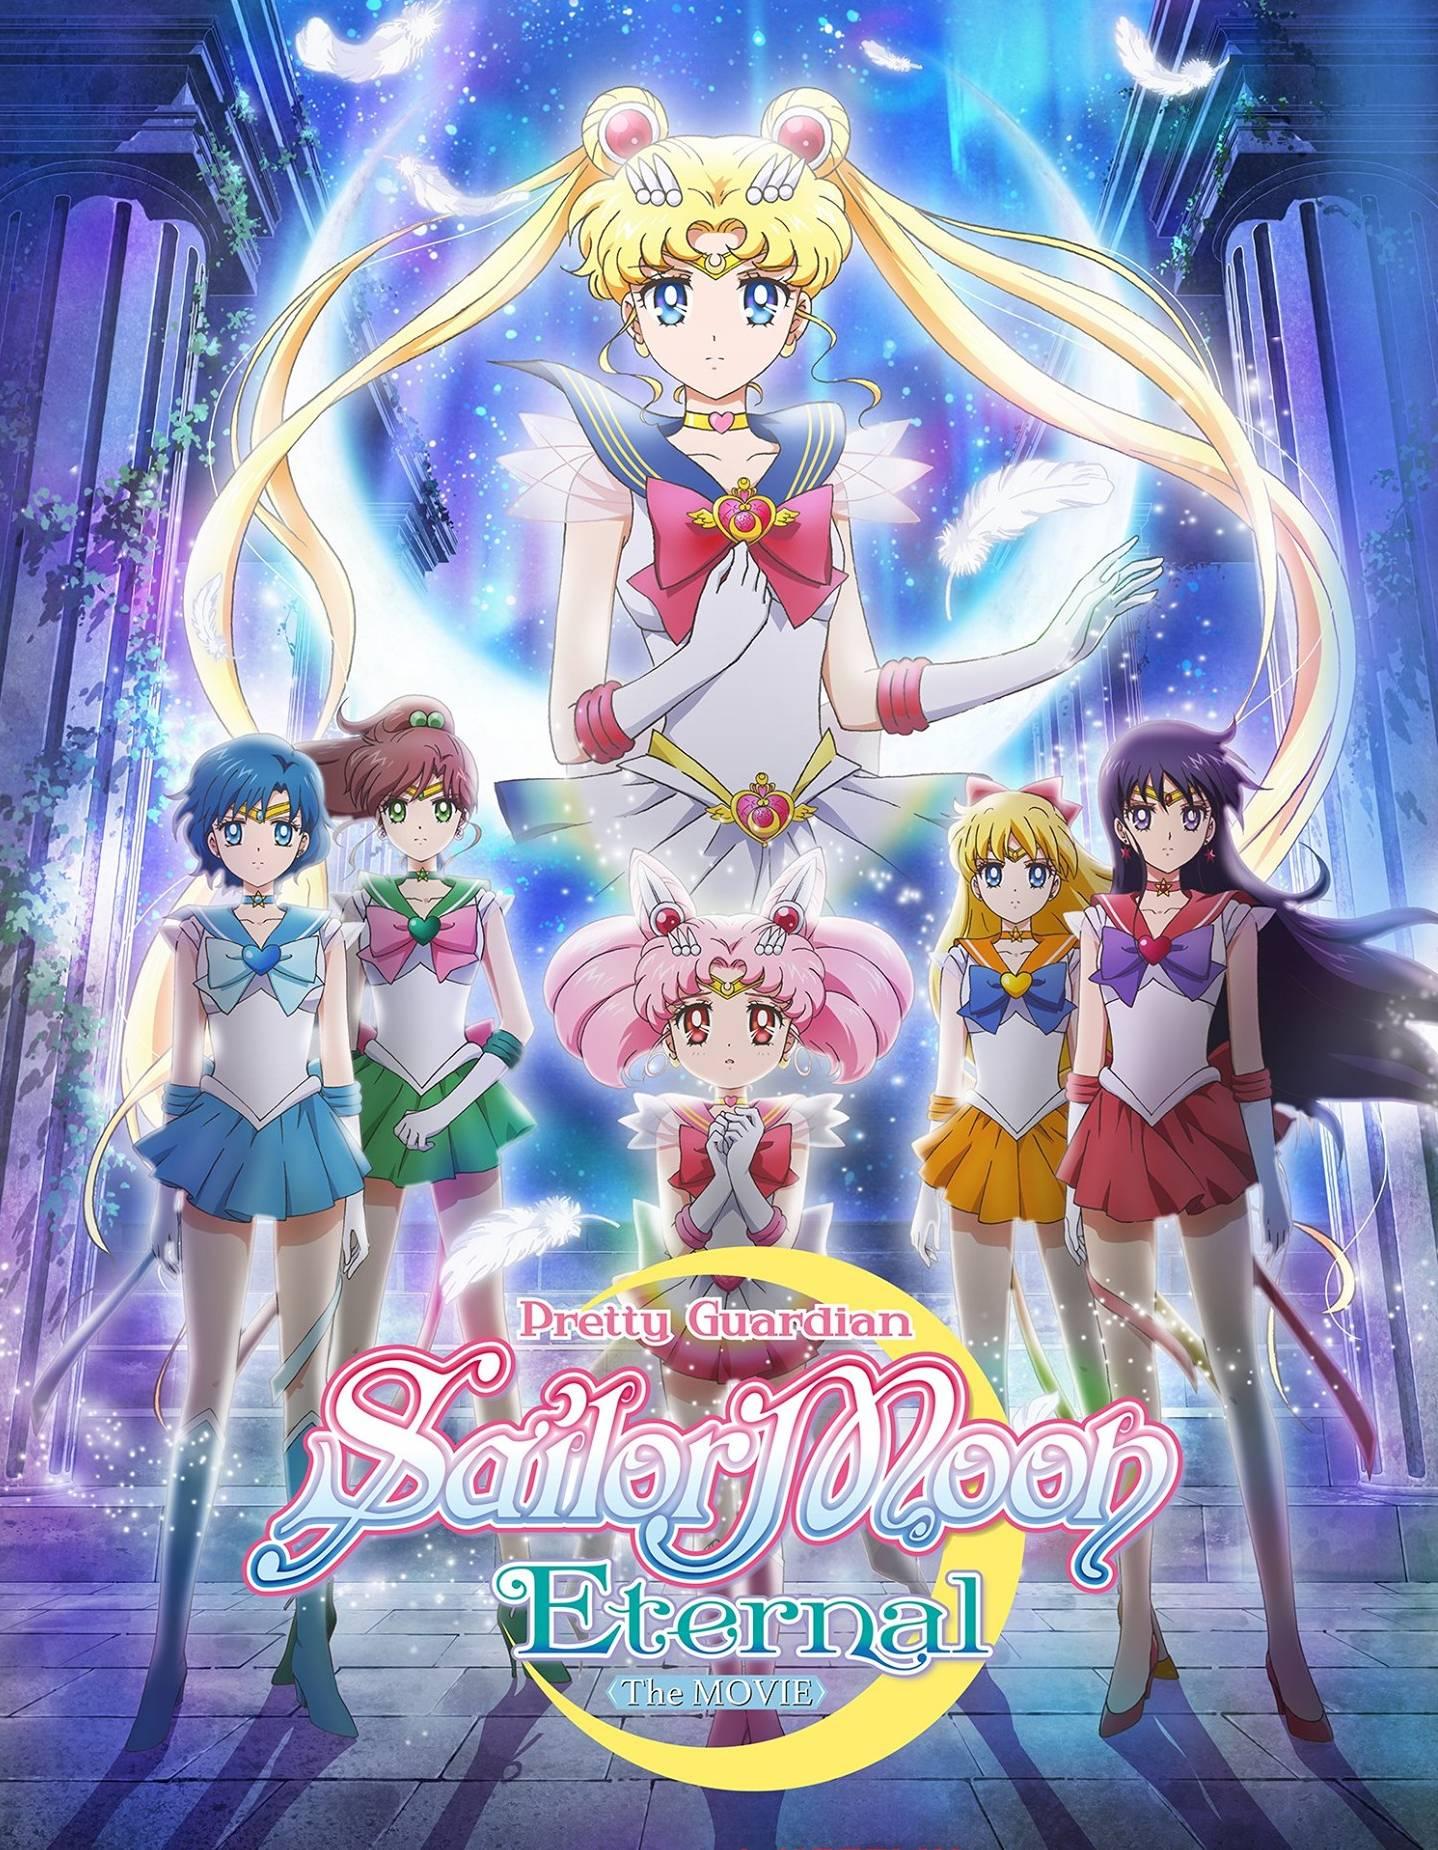 Pretty Guardian Sailor Moon Eternal - Recensione in Anteprima. Disponibile su Netflix dal 3 Giugno